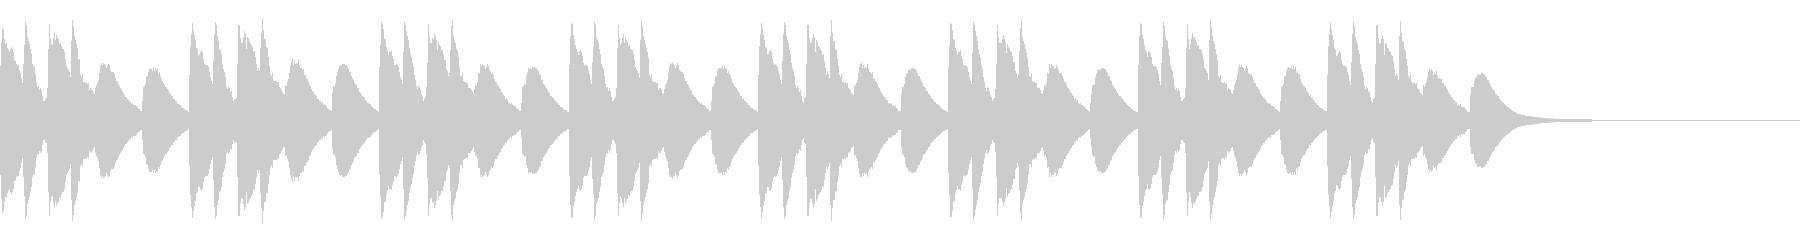 マリンバ 緊張 不穏 不気味 ホラーの未再生の波形